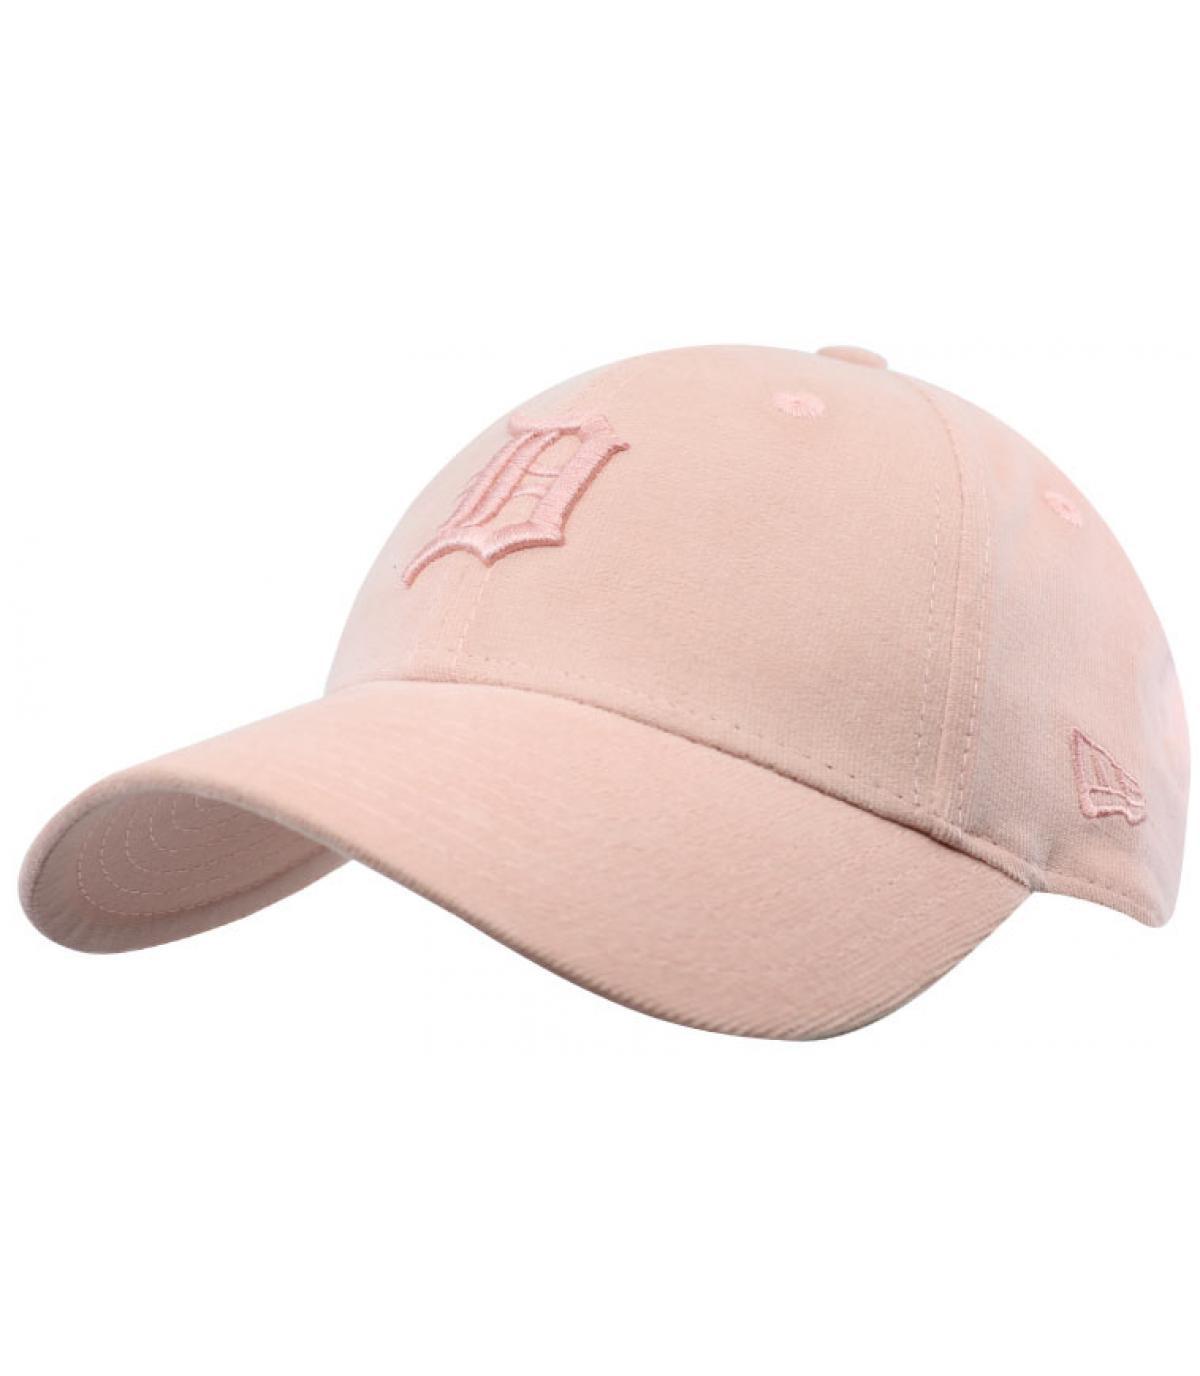 casquette Detroit rose femme